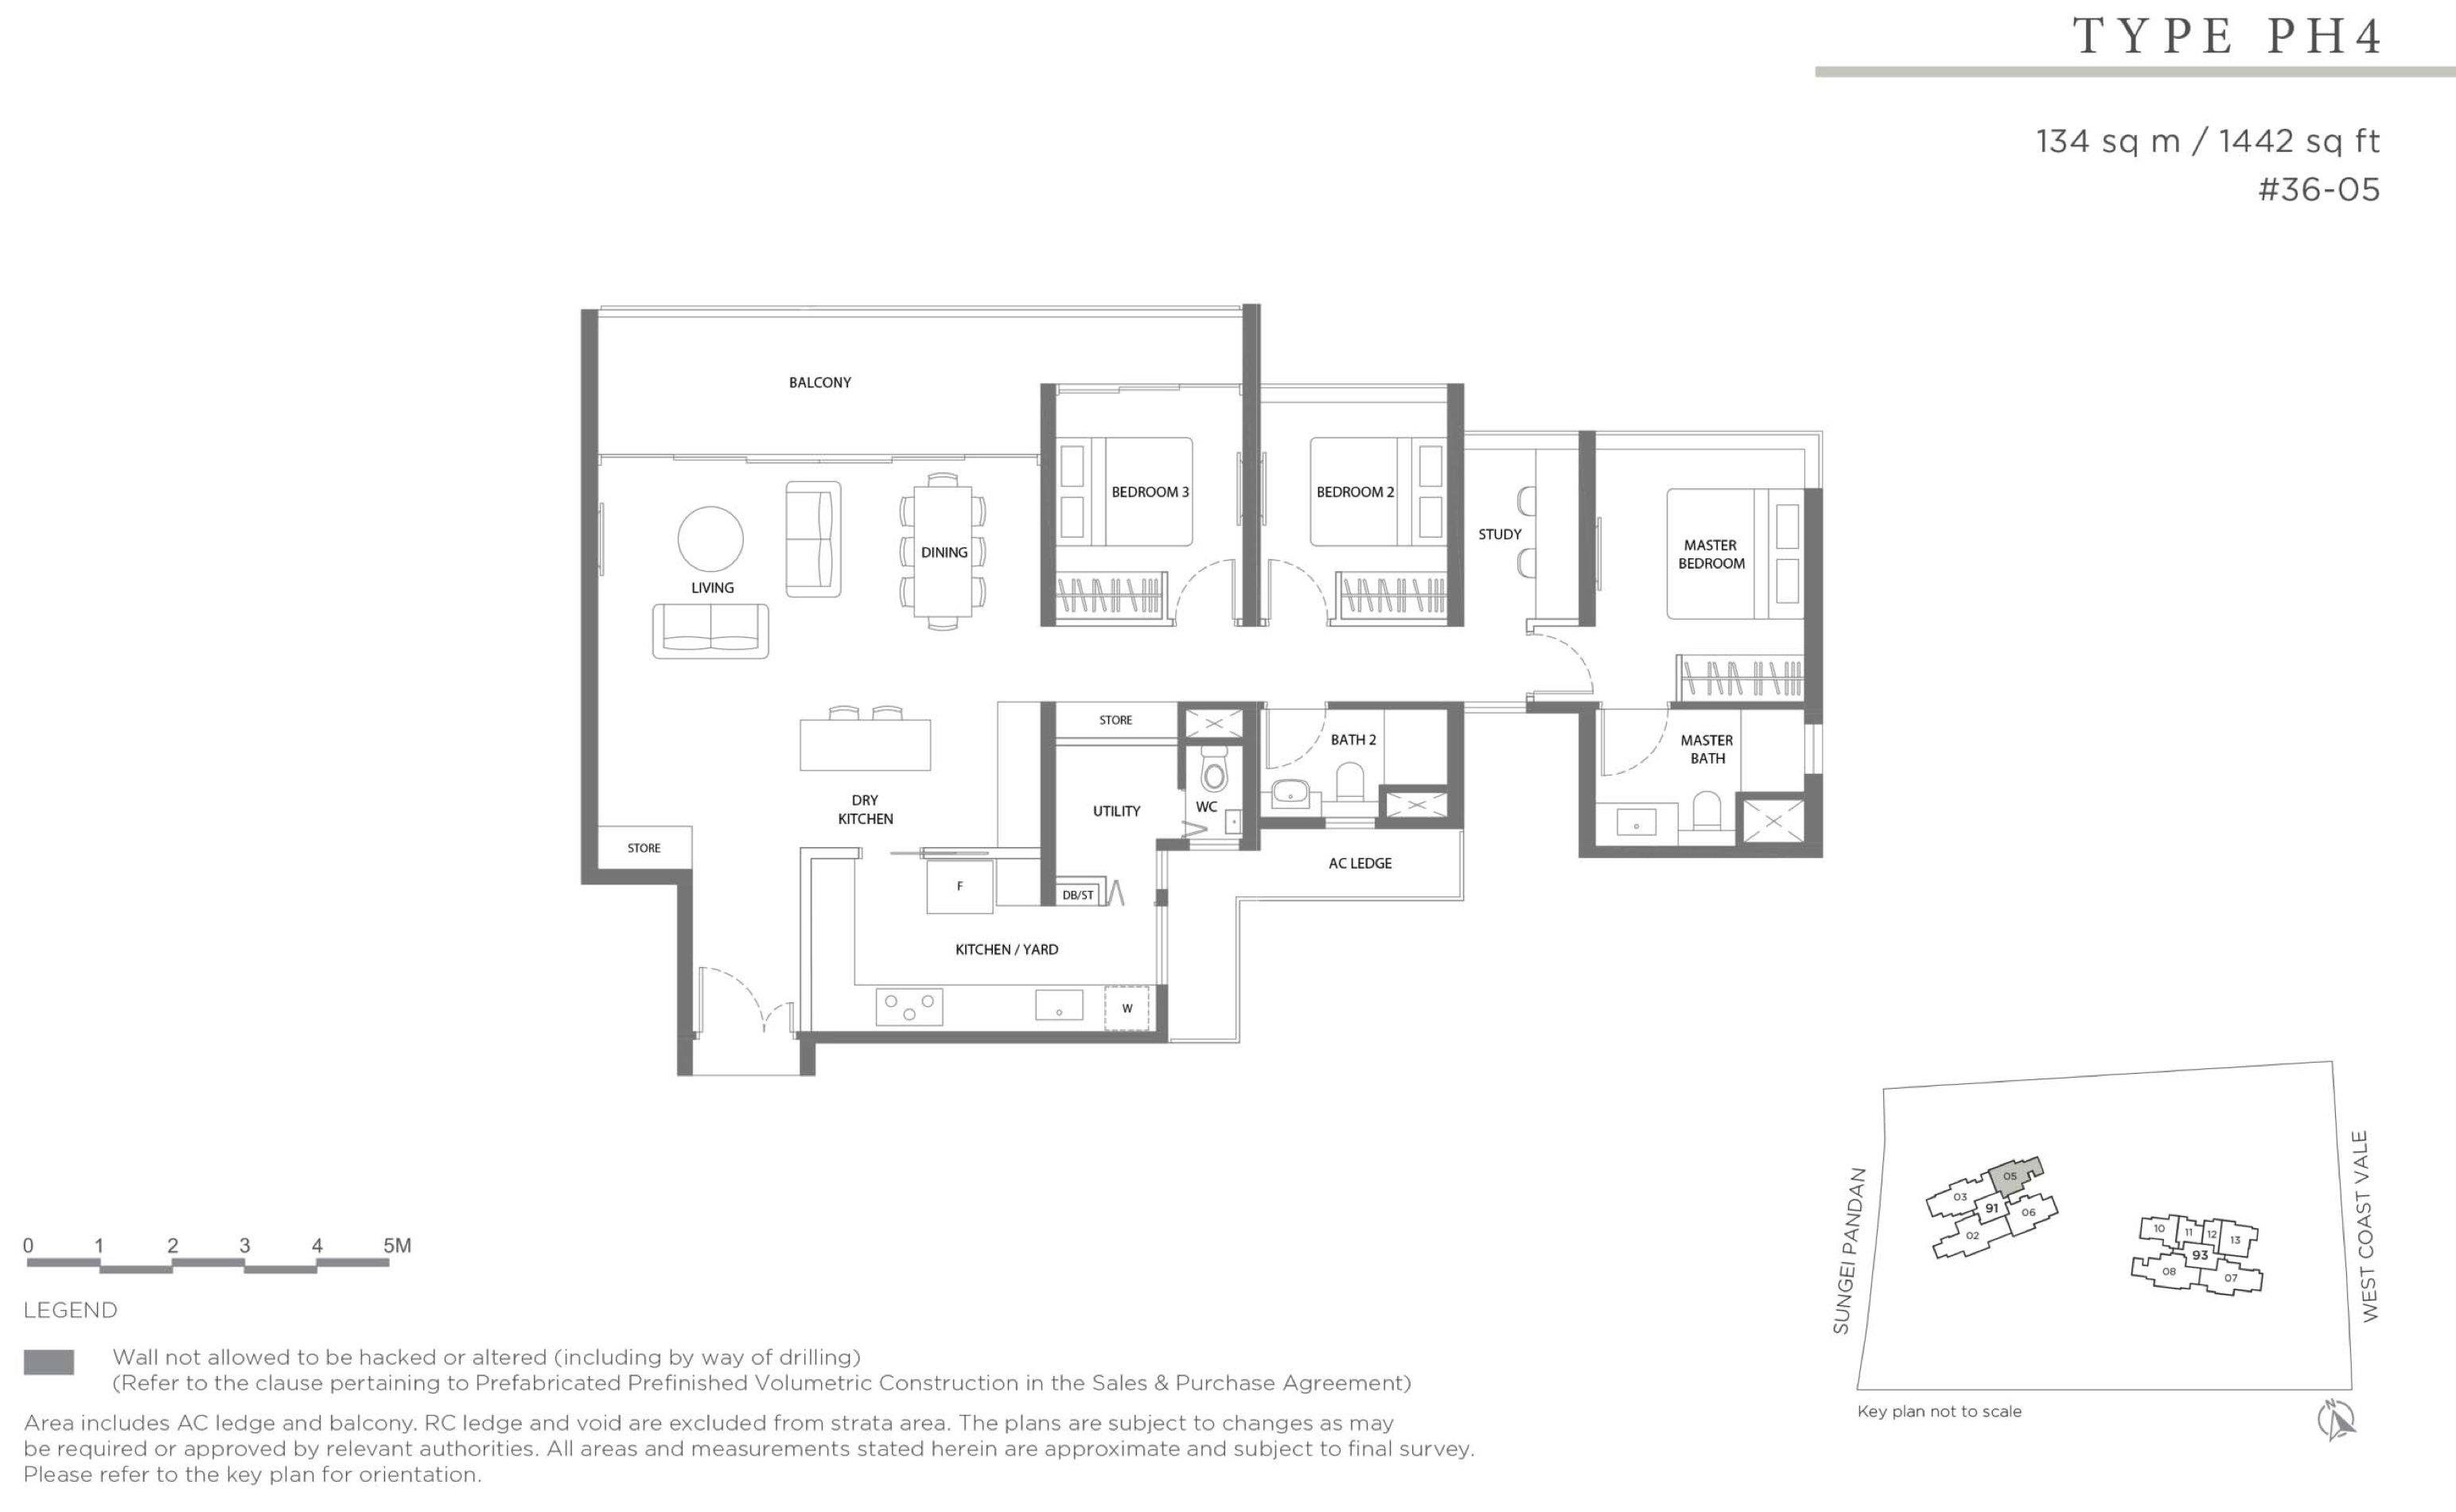 Twin VEW 3 bedroom penthouse PH4 floor plan